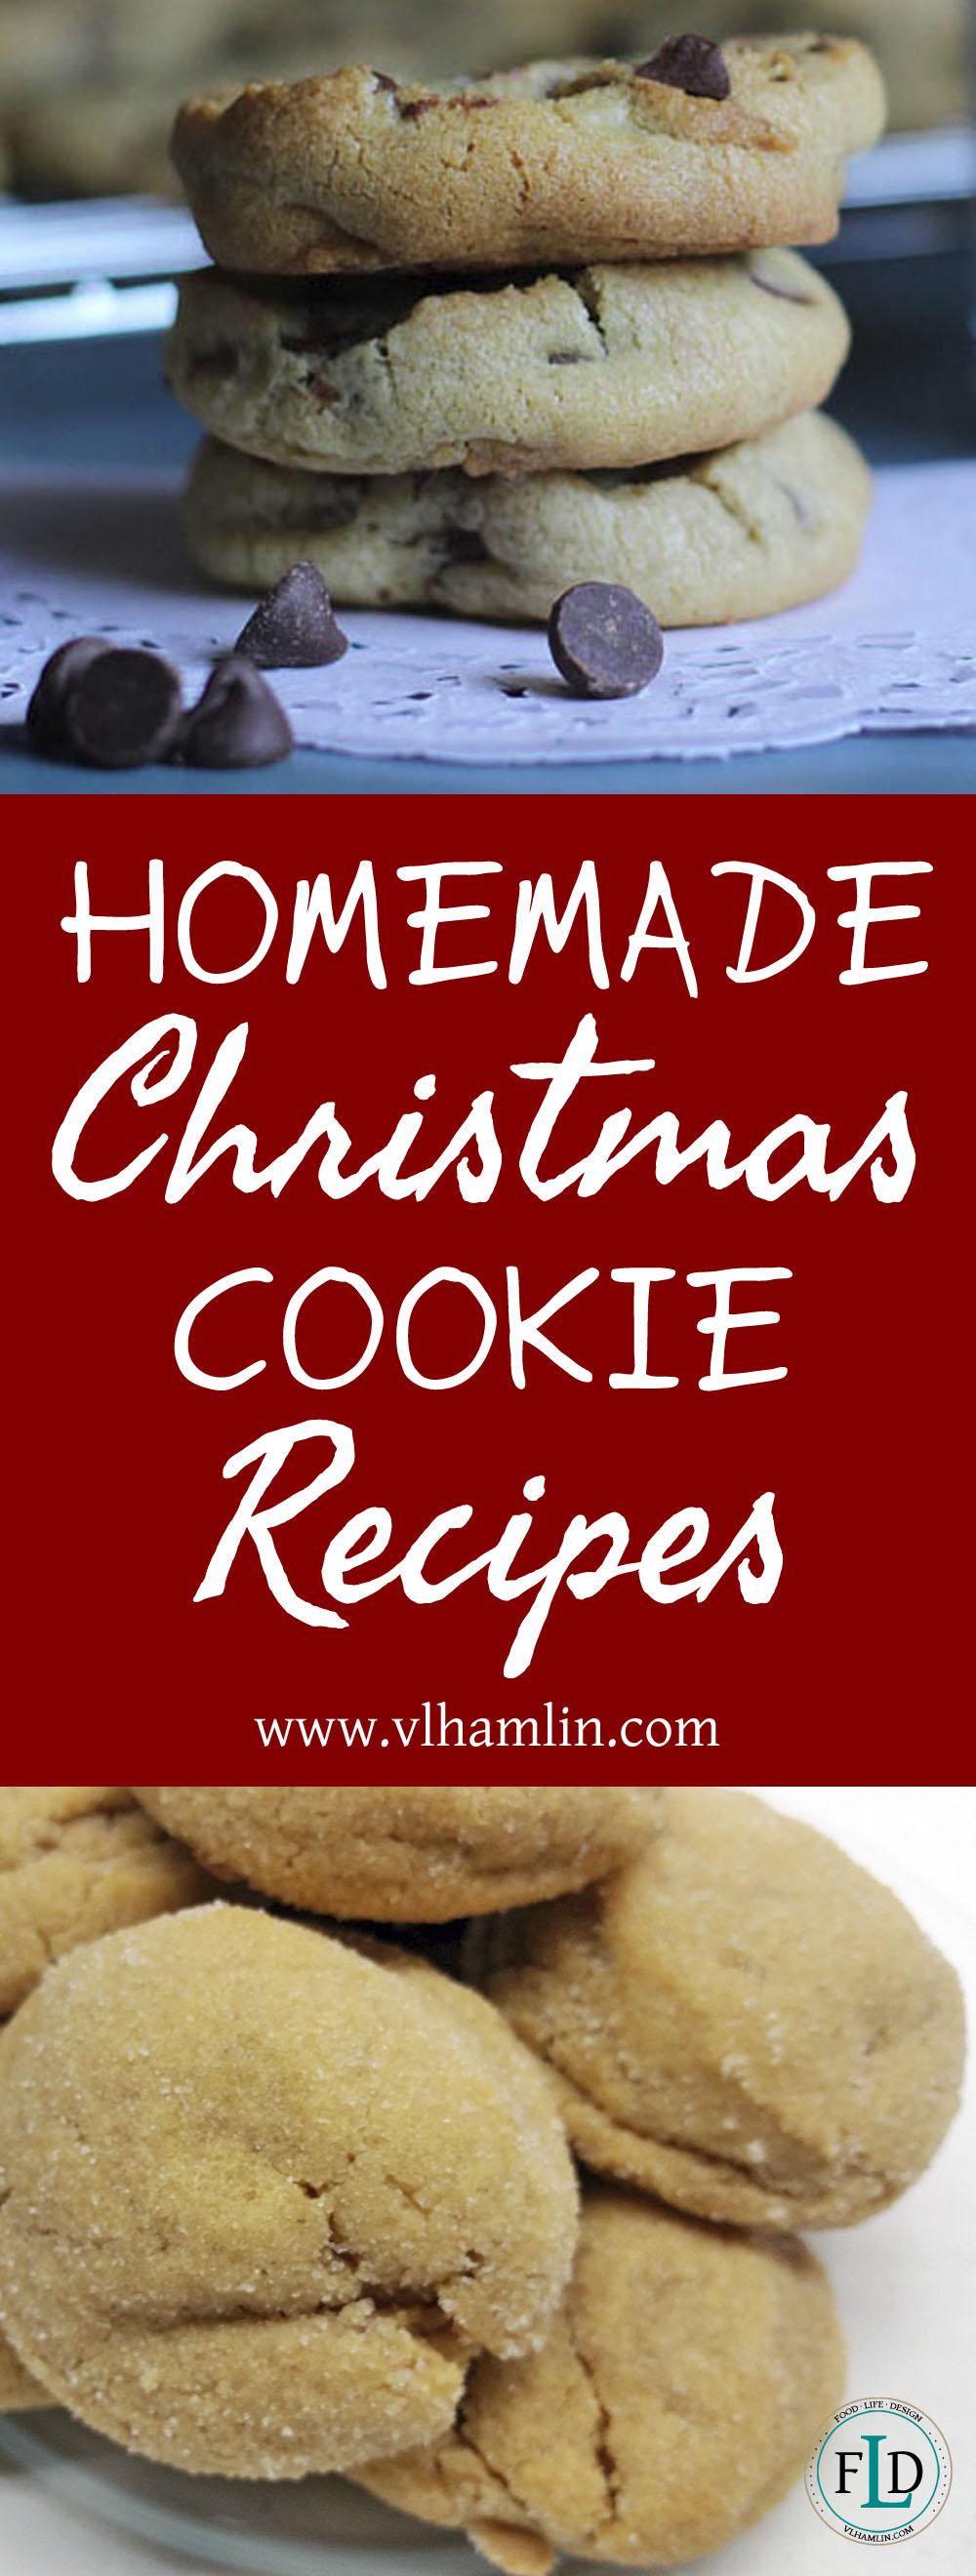 Homemade Christmas Cookie Recipes